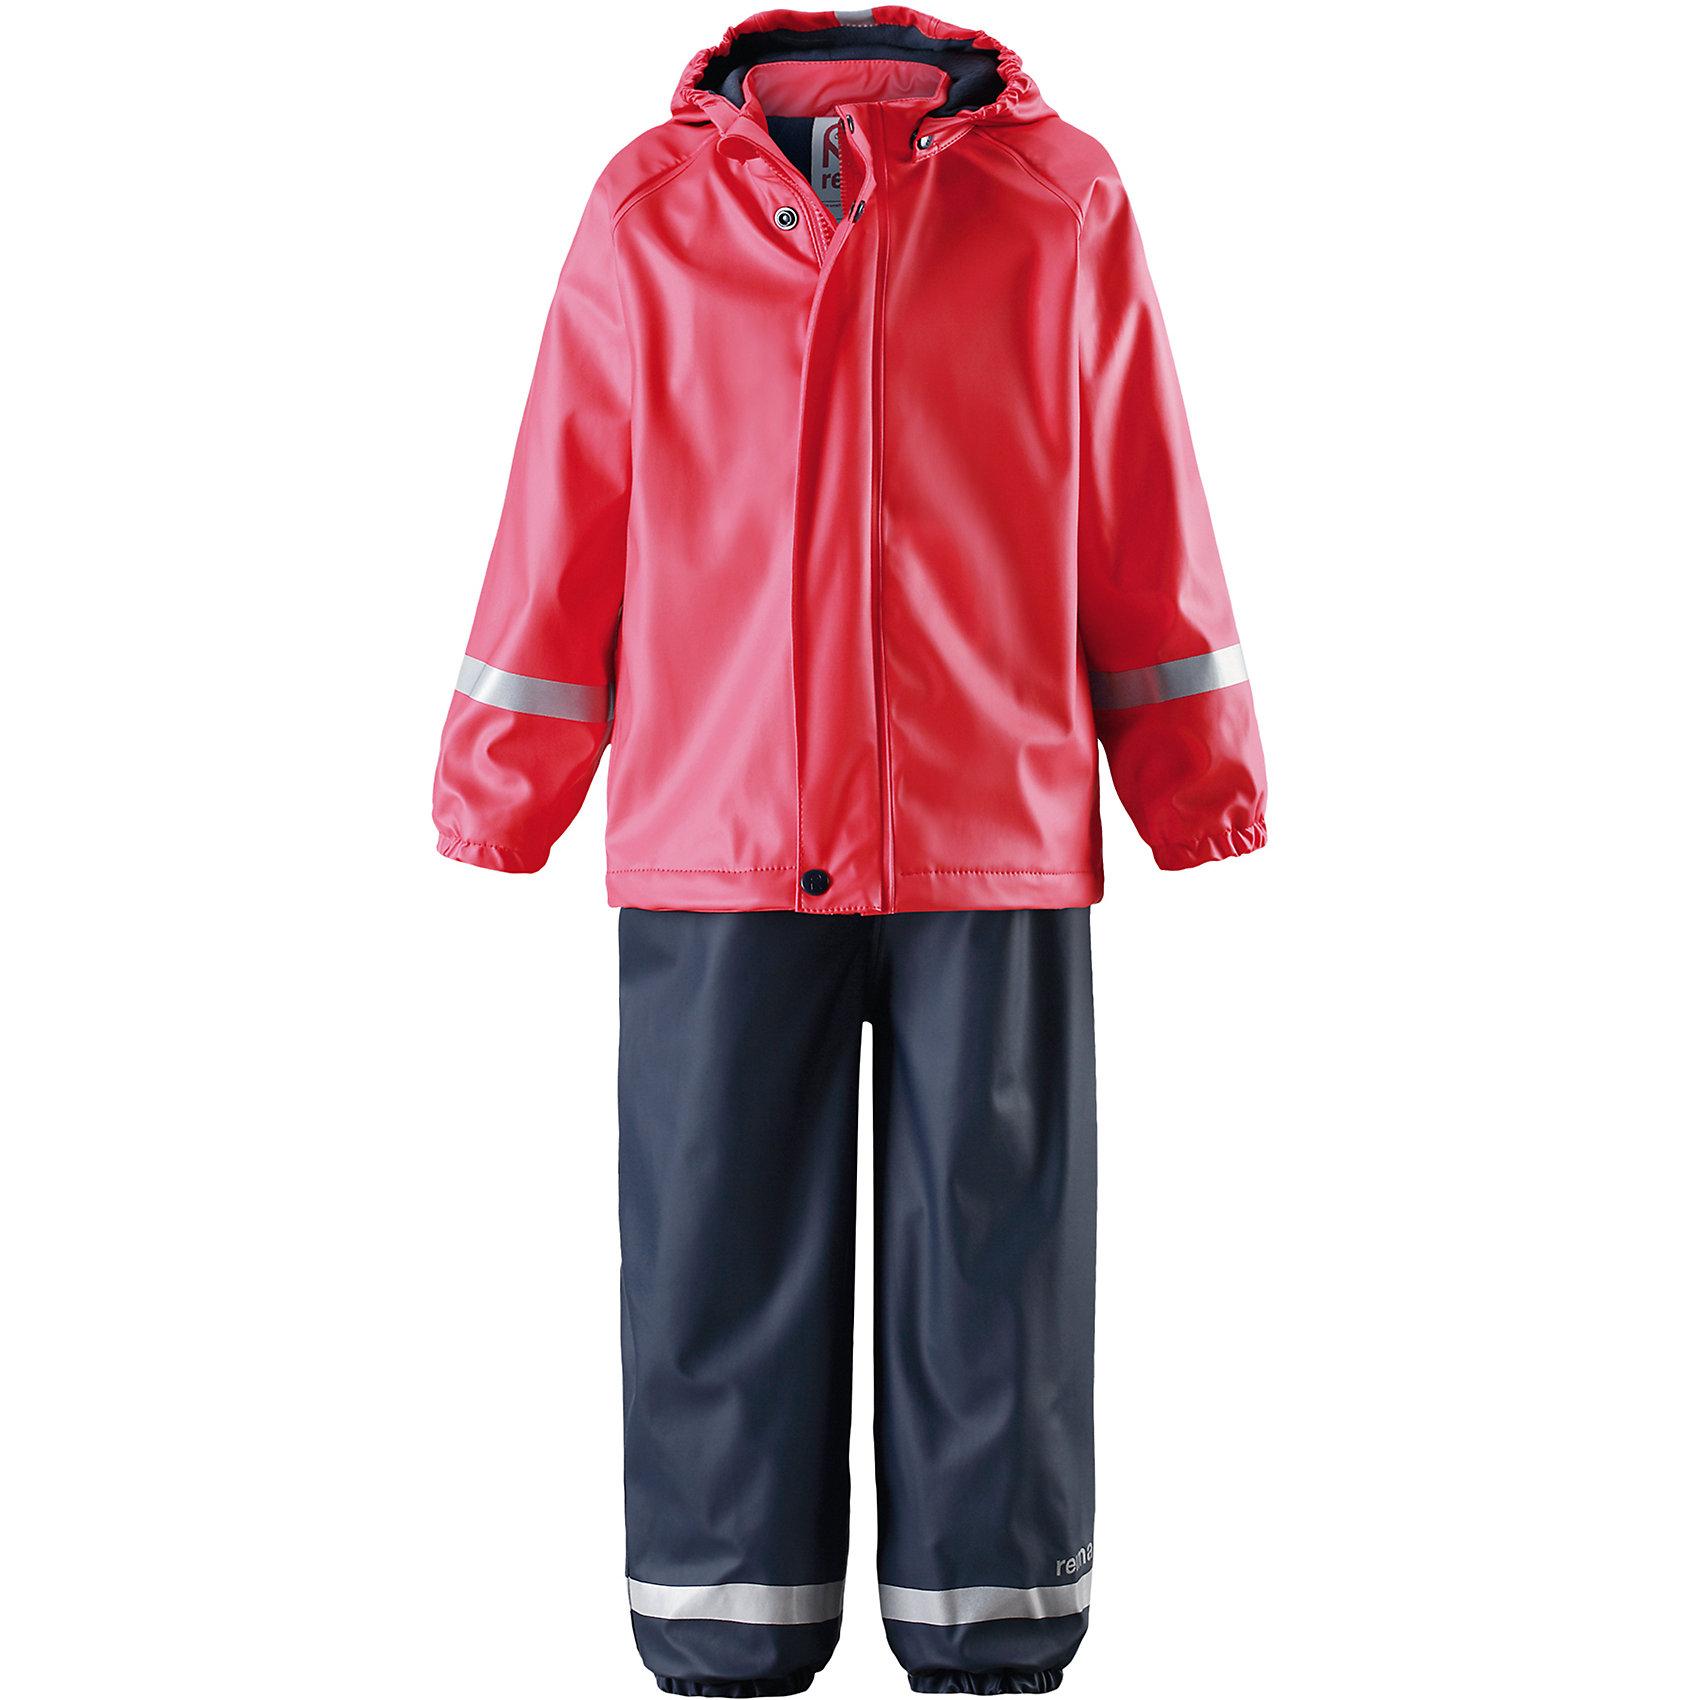 Непромокаемый комплект Joki: куртка и брюки для девочки ReimaОдежда<br>Характеристики товара:<br><br>• цвет: красный/синий<br>• состав: 100% полиэстер, полиуретановое покрытие<br>• температурный режим: от +10°до +20°С<br>•водонепроницаемость: 10000 мм<br>• комплектация: куртка, штаны<br>• водонепроницаемые запаянные швы<br>• эластичный материал<br>• не содержит ПВХ<br>• мягкая и теплая флисовая подкладка<br>• безопасный съемный капюшон<br>• эластичная резинка по краю капюшона<br>• эластичные манжеты <br>• обхват талии эластичный<br>• эластичные манжеты на концах брючин<br>• комфортная посадка<br>• съемные эластичные штрипки<br>• молния спереди<br>• светоотражающие детали<br>• без утеплителя<br>• страна производства: Китай<br>• страна бренда: Финляндия<br>• коллекция: весна-лето 2017<br><br>Демисезонный комплект из куртки и штанов поможет обеспечить ребенку комфорт и тепло. Предметы отлично смотрятся с различной одеждой. Комплект удобно сидит и модно выглядит. Материал отлично подходит для дождливой погоды. Стильный дизайн разрабатывался специально для детей.<br><br>Обувь и одежда от финского бренда Reima пользуются популярностью во многих странах. Они стильные, качественные и удобные. Для производства продукции используются только безопасные, проверенные материалы и фурнитура. Порадуйте ребенка модными и красивыми вещами от Reima®! <br><br>Комплект: куртка и брюки для мальчика от финского бренда Reima (Рейма) можно купить в нашем интернет-магазине.<br><br>Ширина мм: 356<br>Глубина мм: 10<br>Высота мм: 245<br>Вес г: 519<br>Цвет: красный<br>Возраст от месяцев: 36<br>Возраст до месяцев: 48<br>Пол: Женский<br>Возраст: Детский<br>Размер: 104,128,122,116,110,86,92,98<br>SKU: 5268207